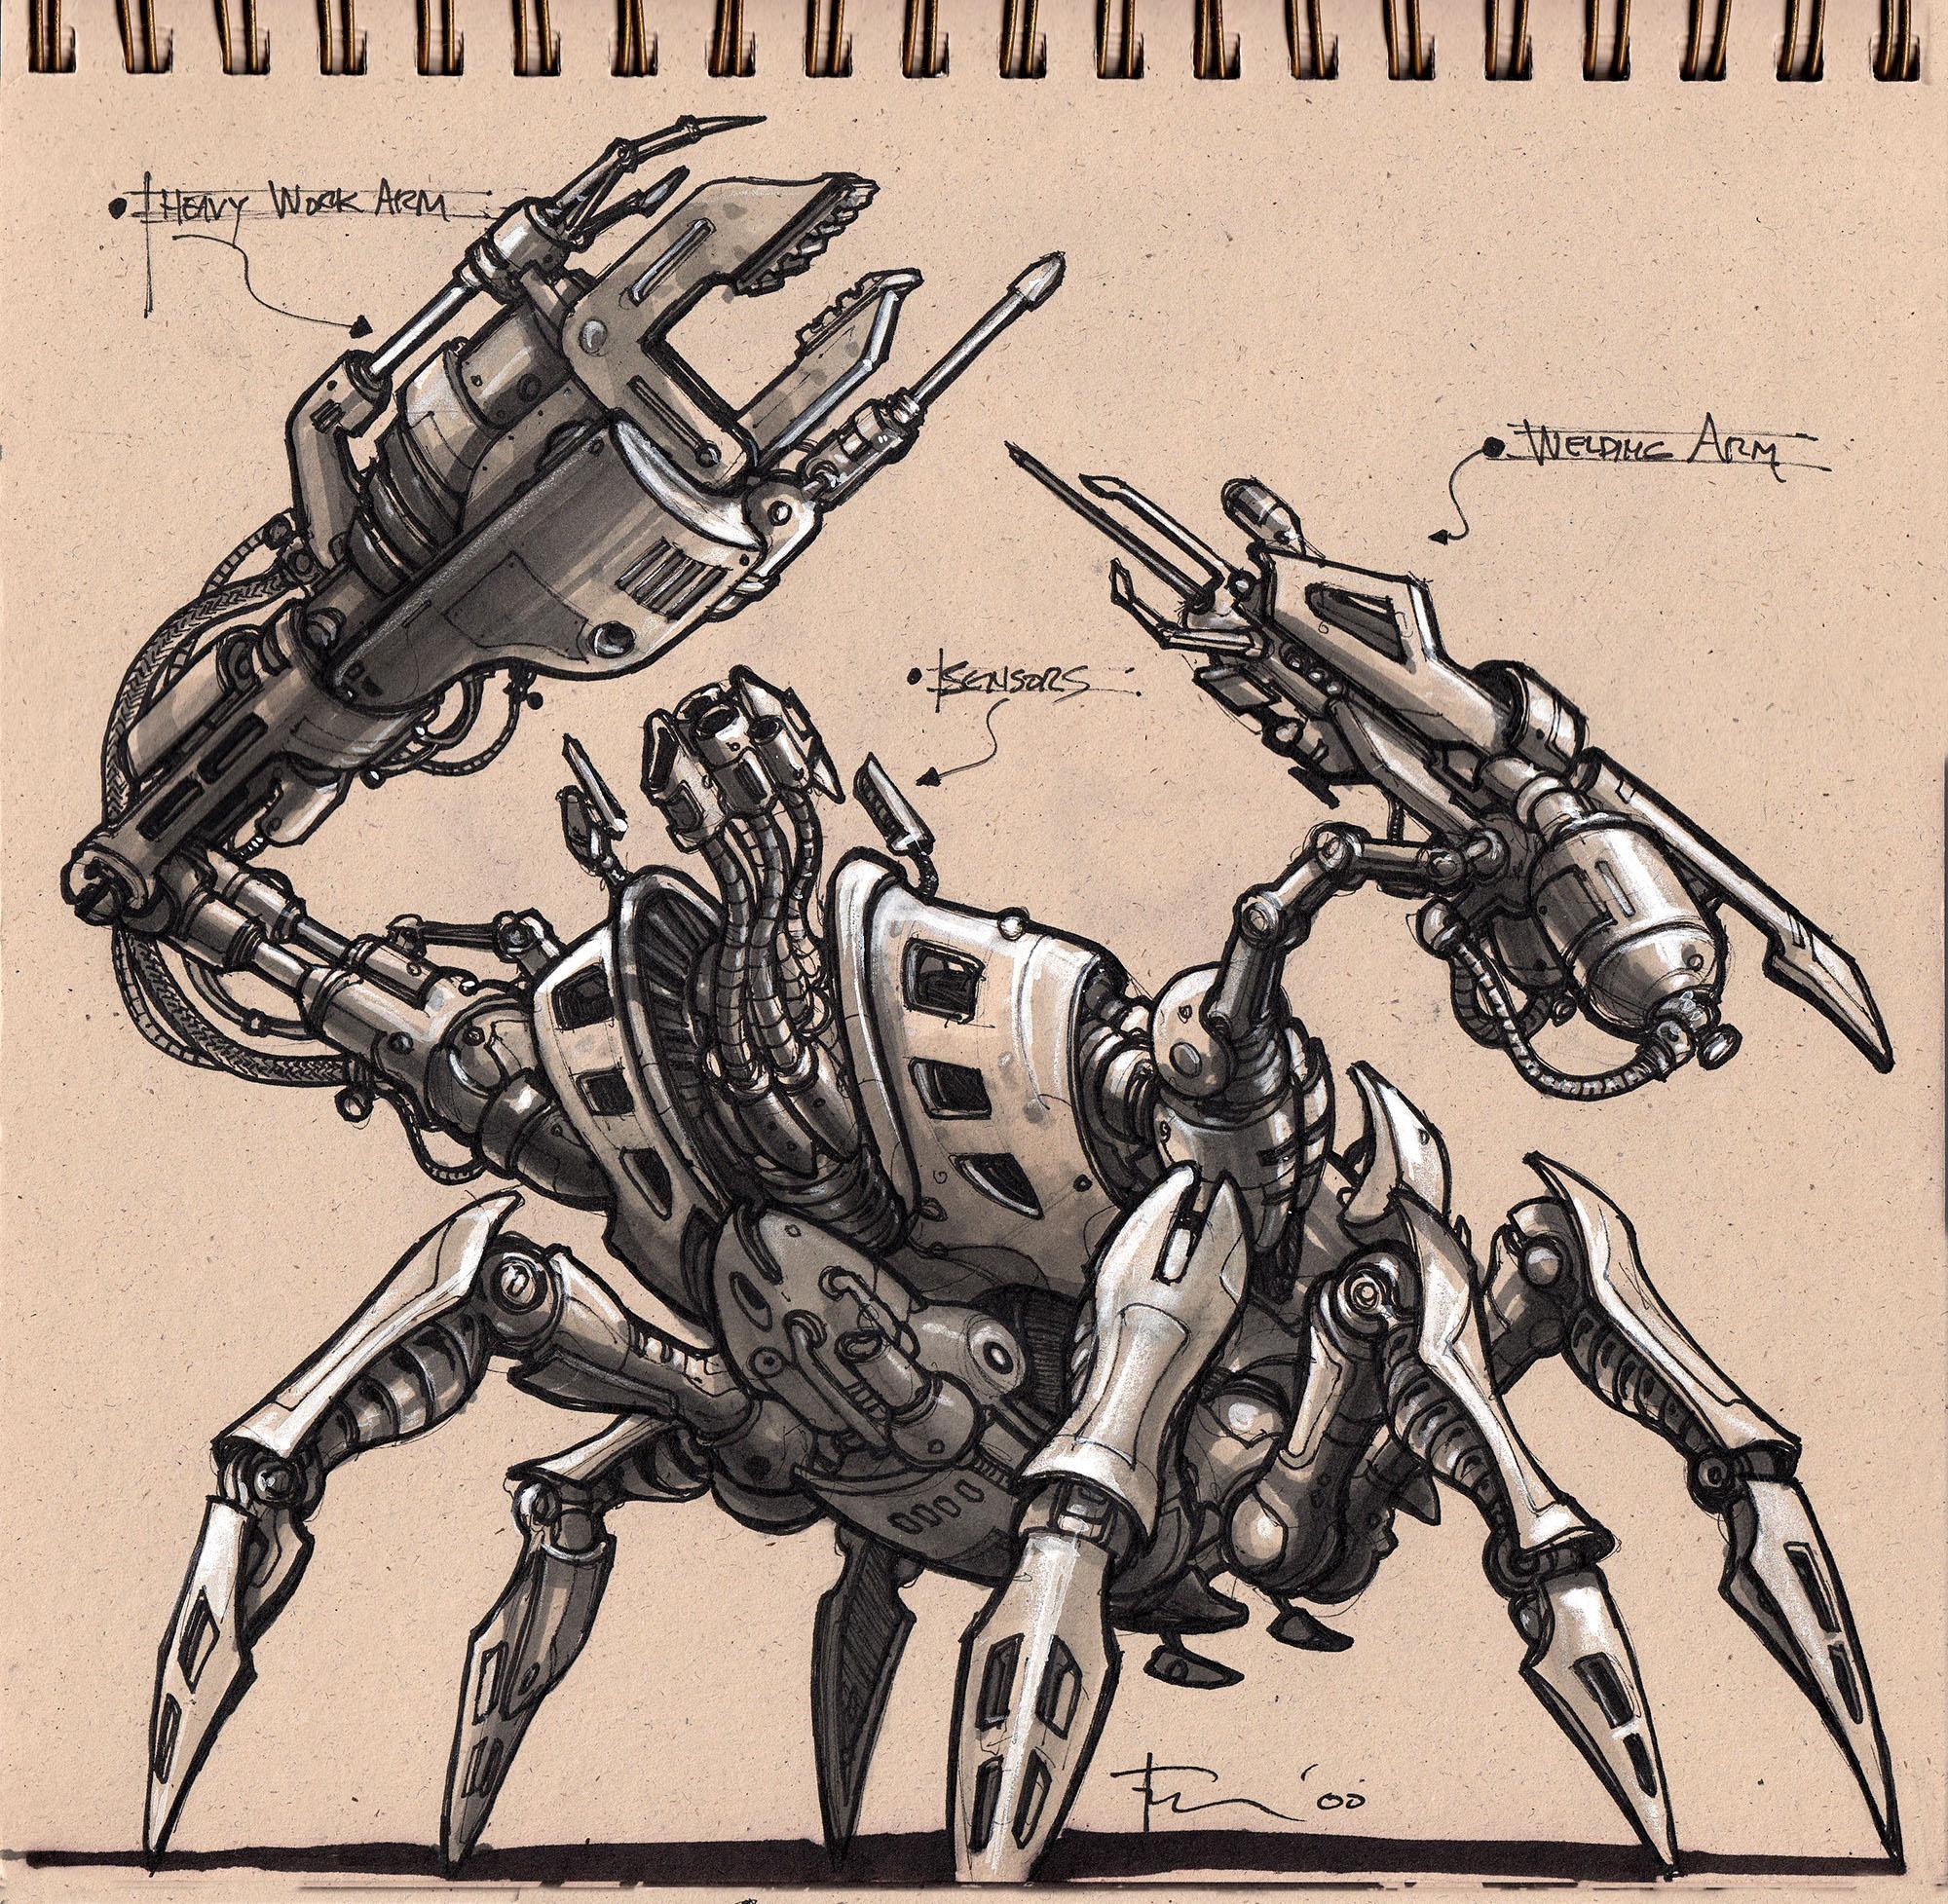 TJFrame-Art_crabDroid.jpg